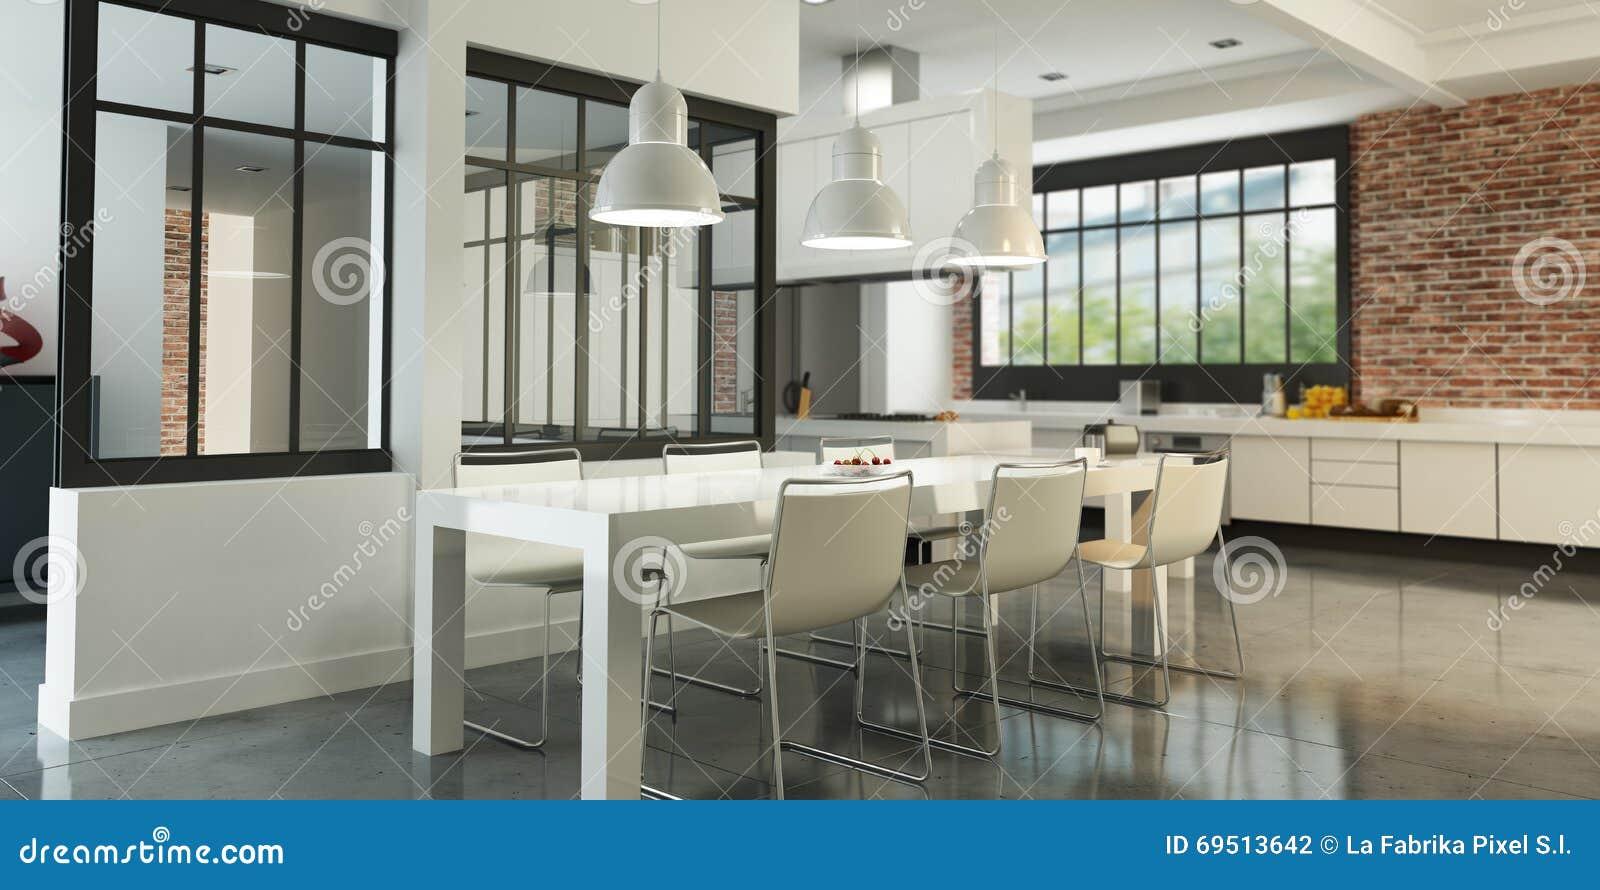 Loft Kitchen Art Loft Kitchen Stock Illustration Image 69513642